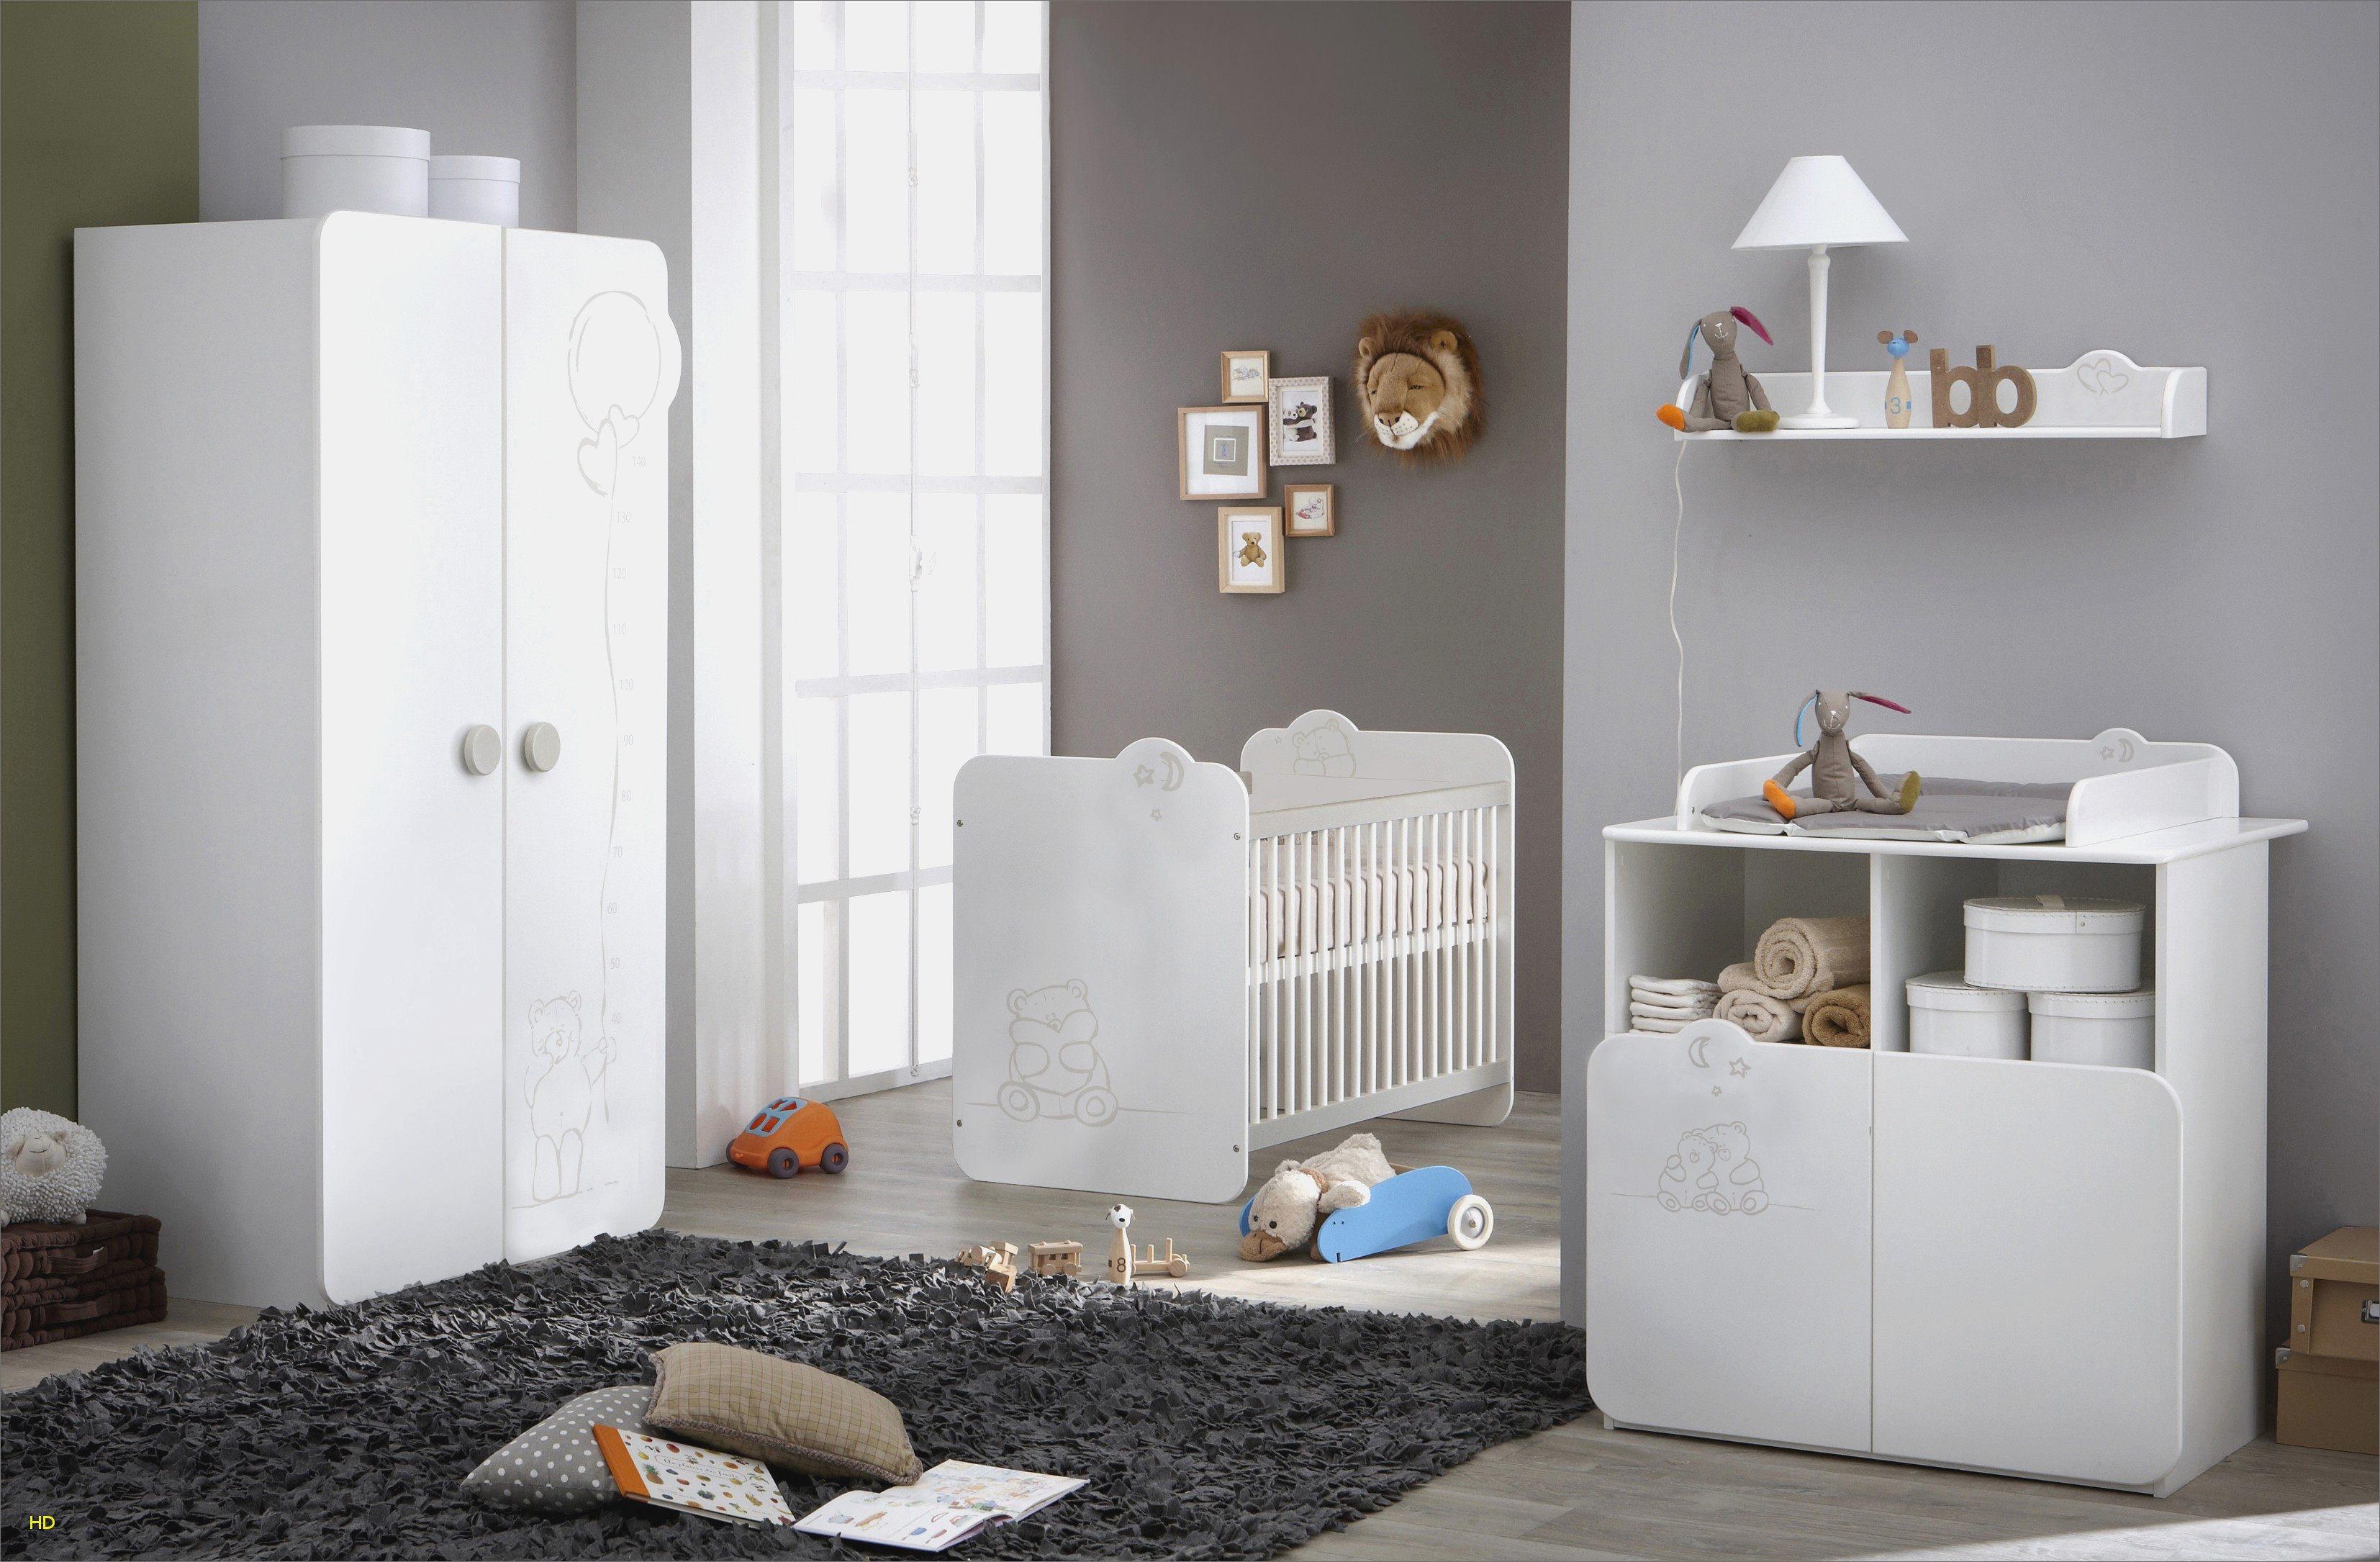 Lit Bebe Solde Génial Captivant Chambre Enfant Bebe Sur Chambre Bebe Plete Lovely Bebe